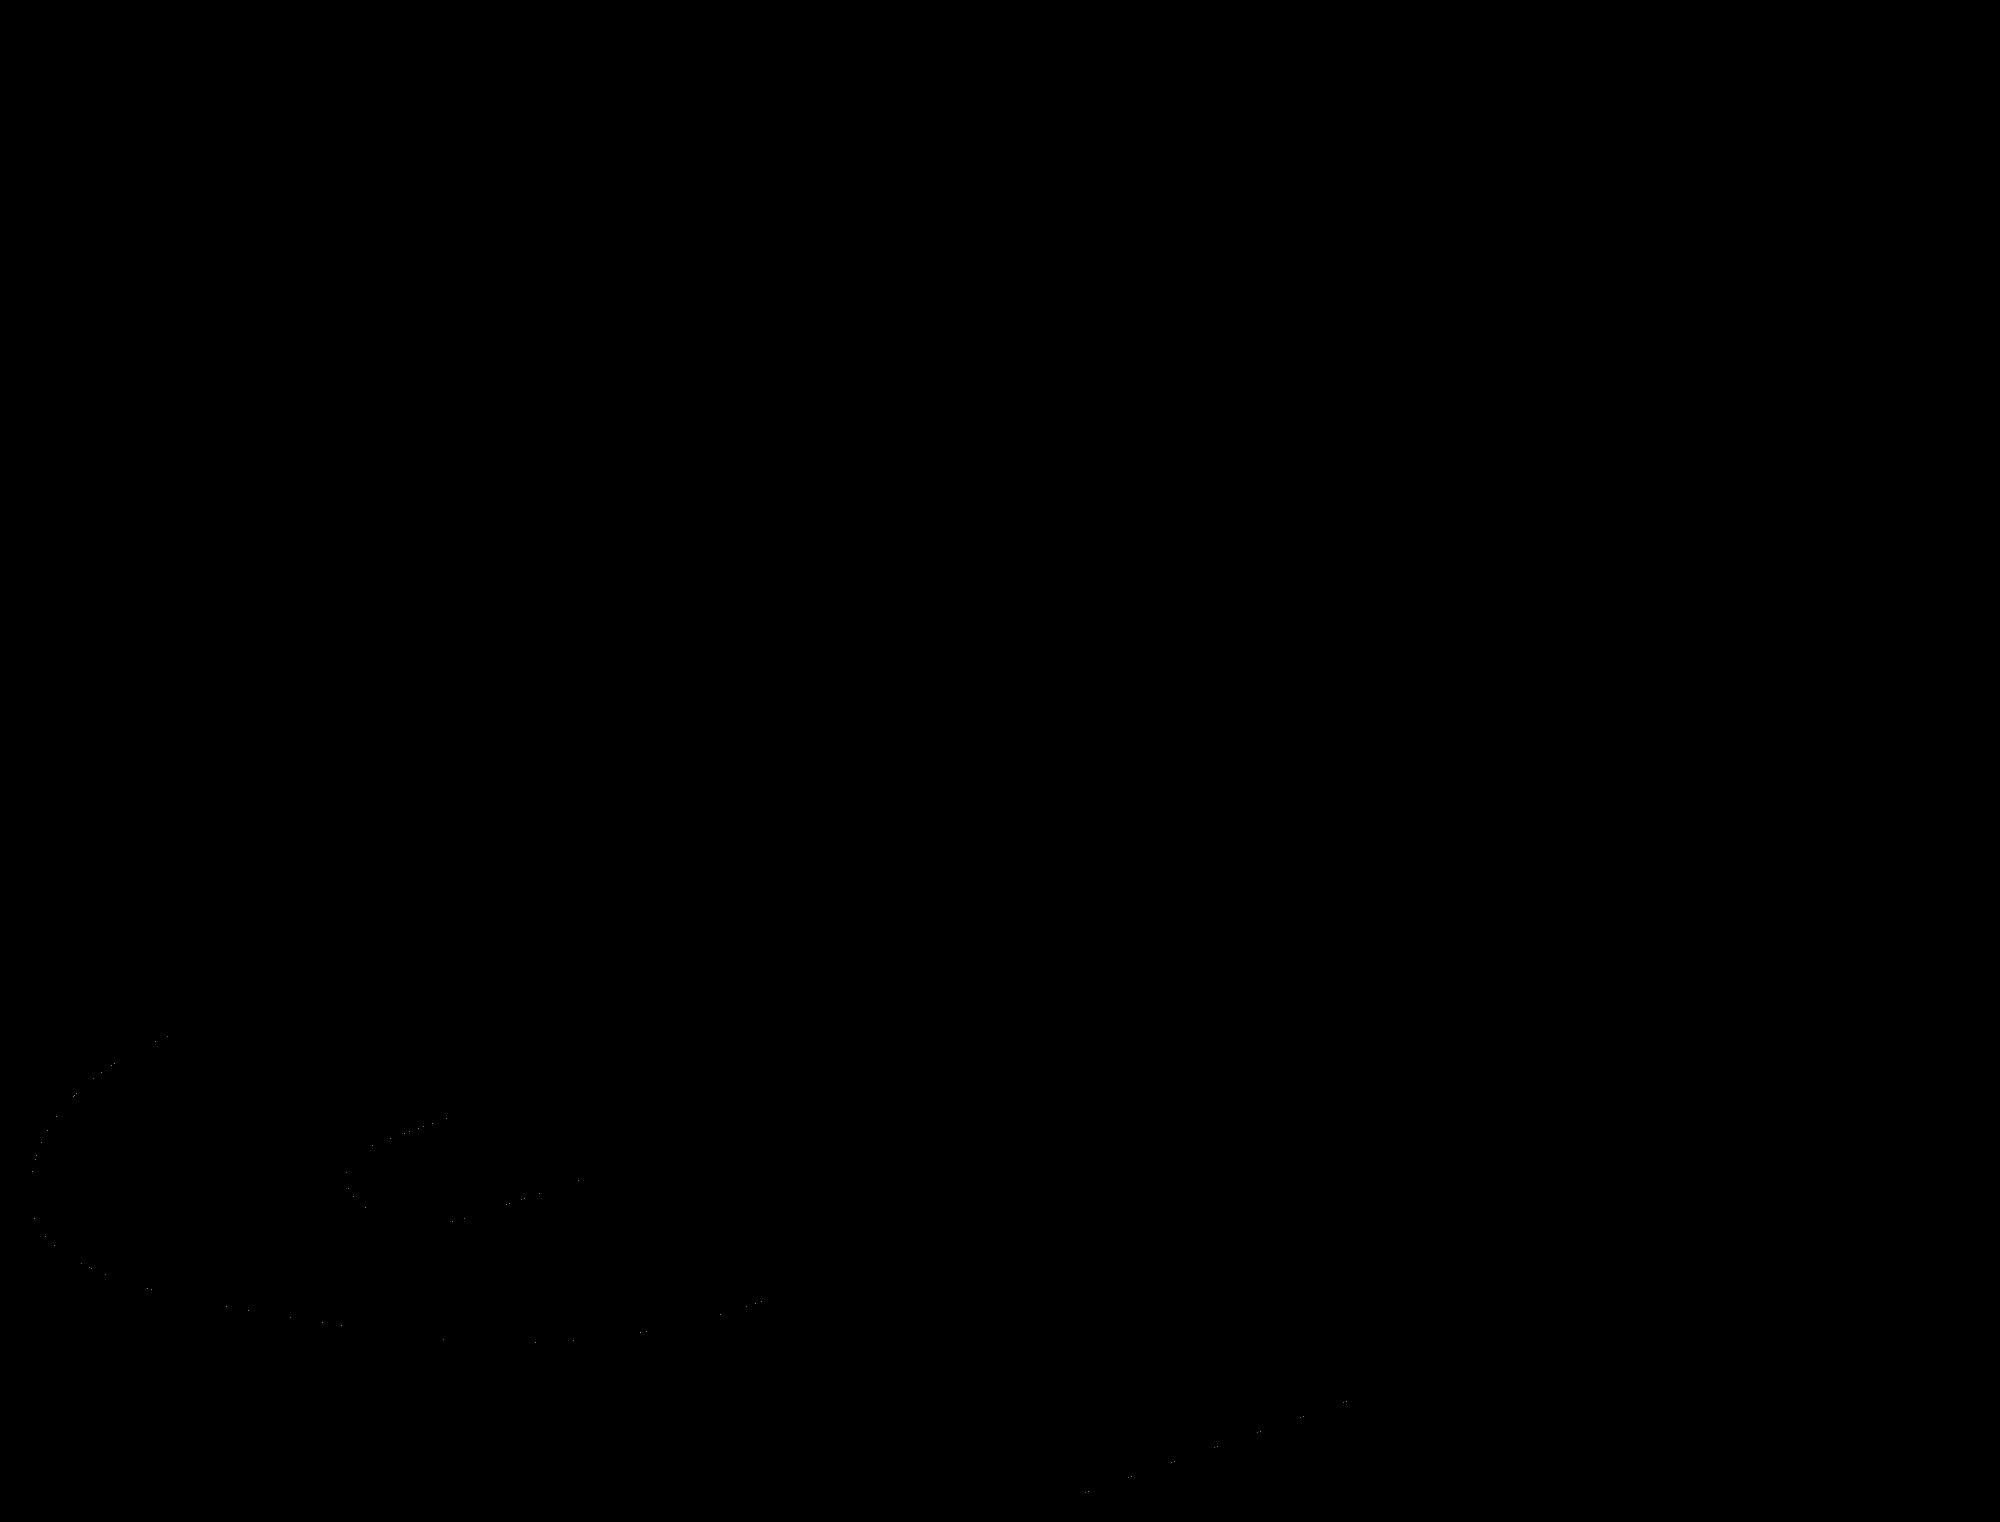 Playstation PNG - 8095